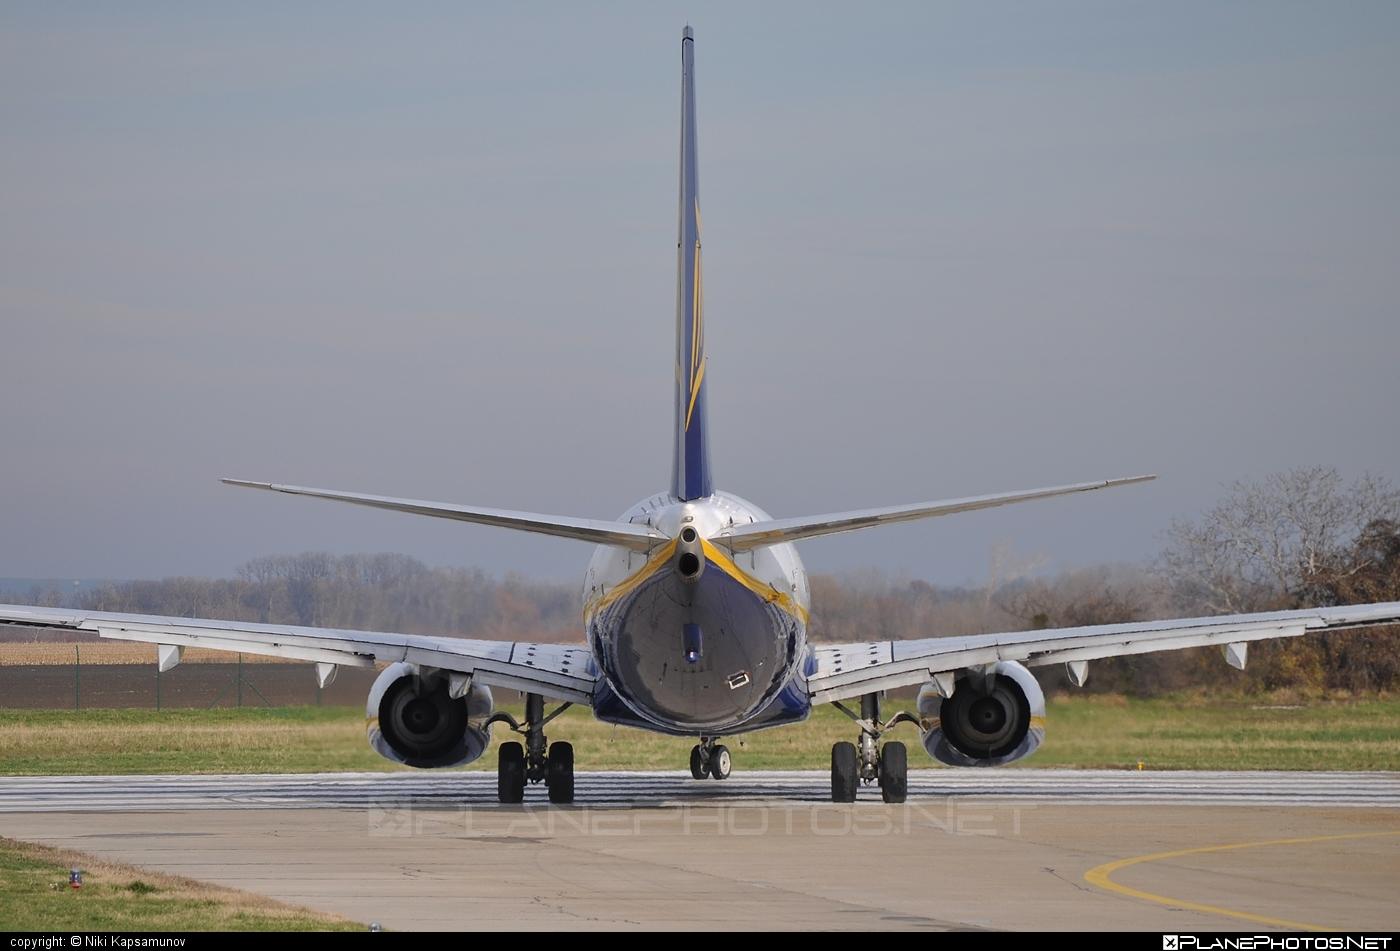 Boeing 737-800 - EI-EBR operated by Ryanair #b737 #b737nextgen #b737ng #boeing #boeing737 #ryanair